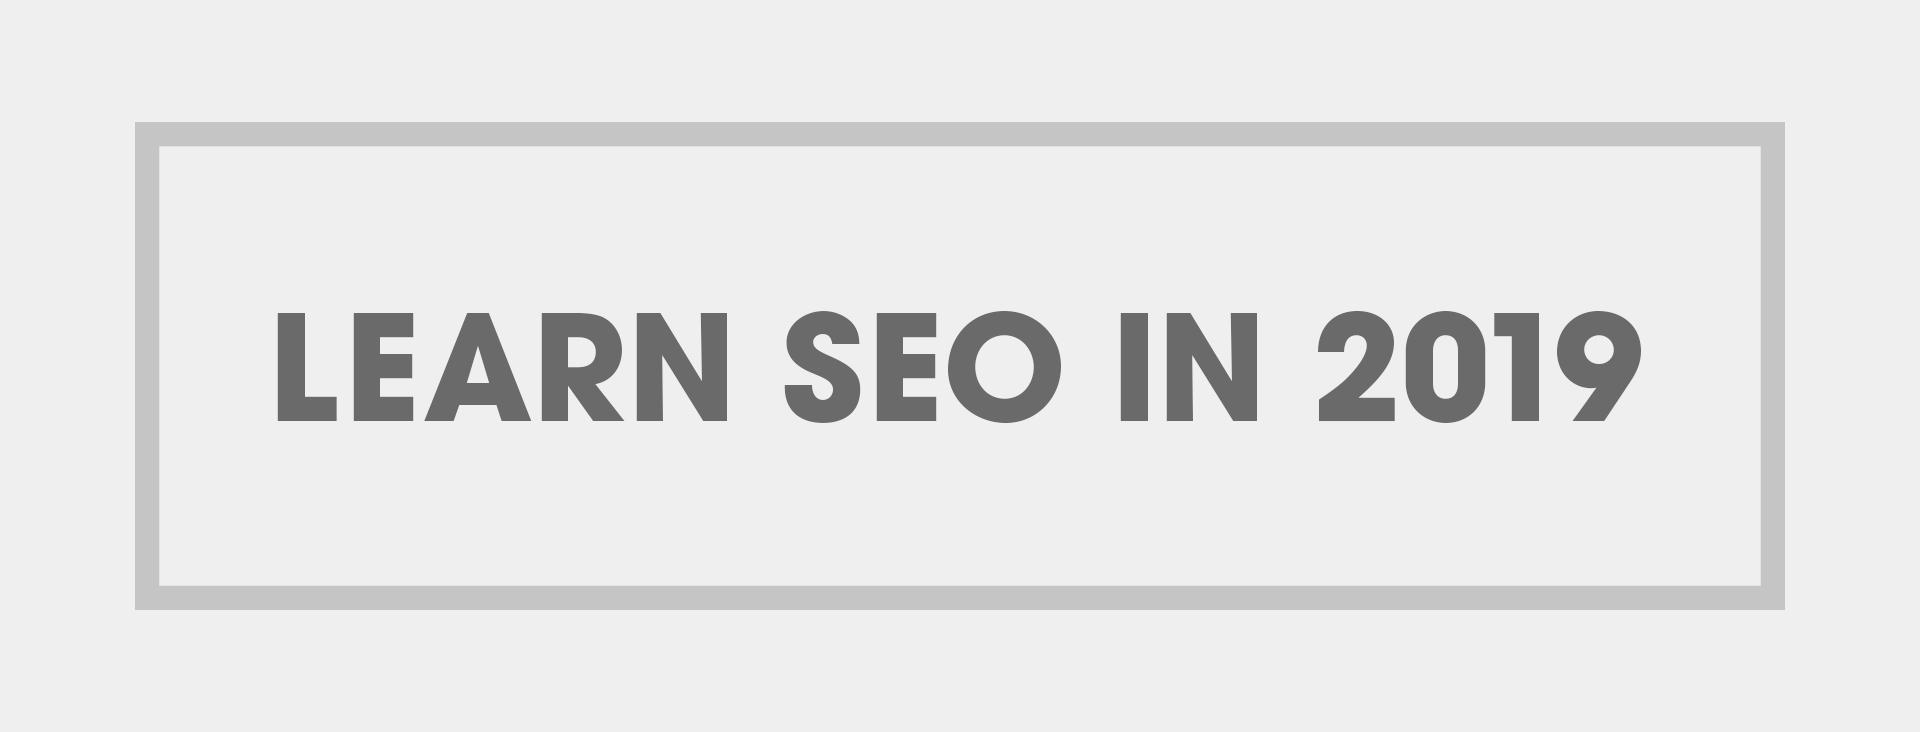 learn seo in 2019